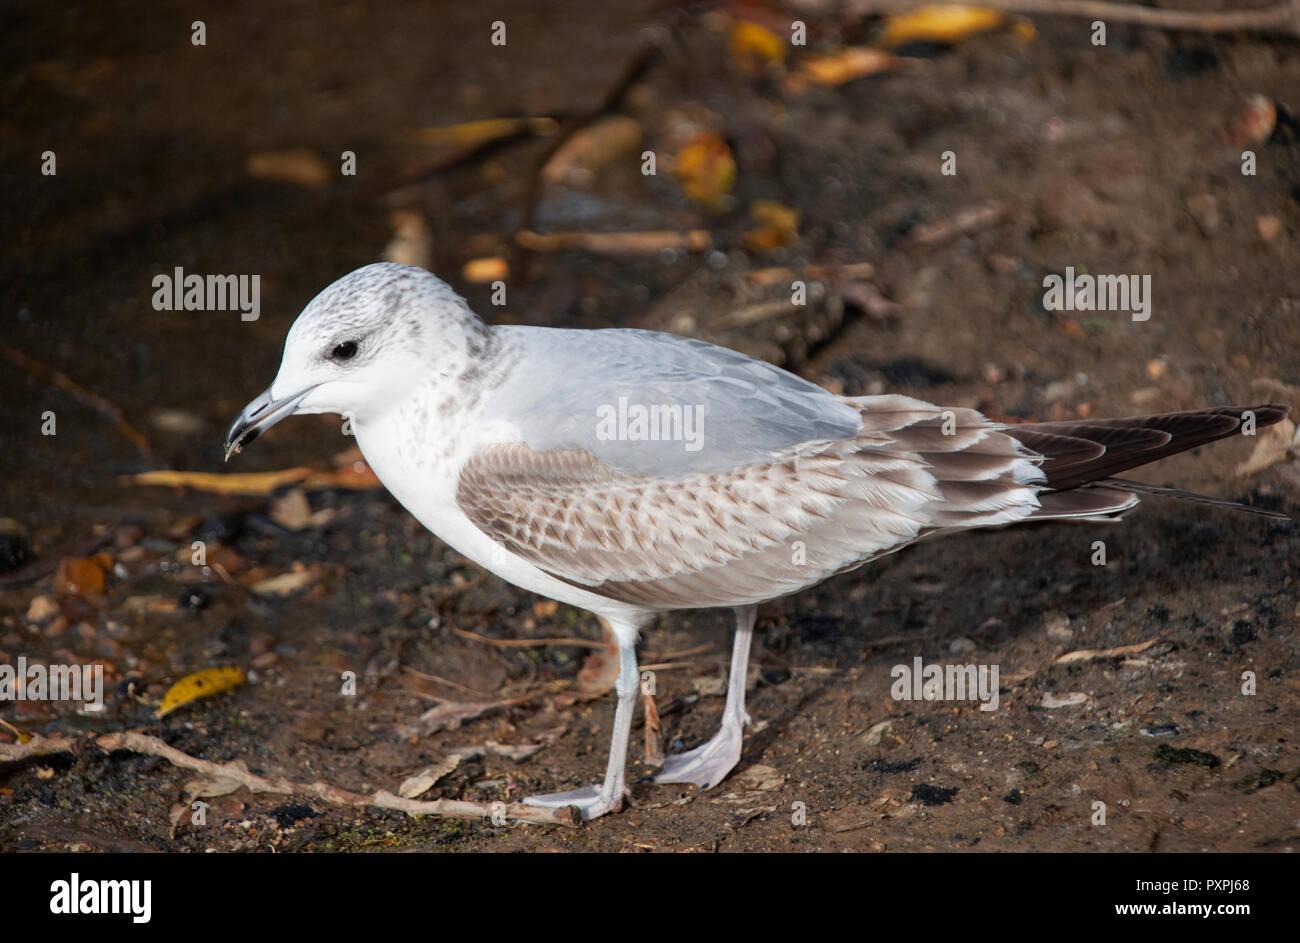 Common Gull, Larus canus, on ground, Brent Reservoir or Welsh Harp Reservoir, Brent, London, United Kingdom - Stock Image